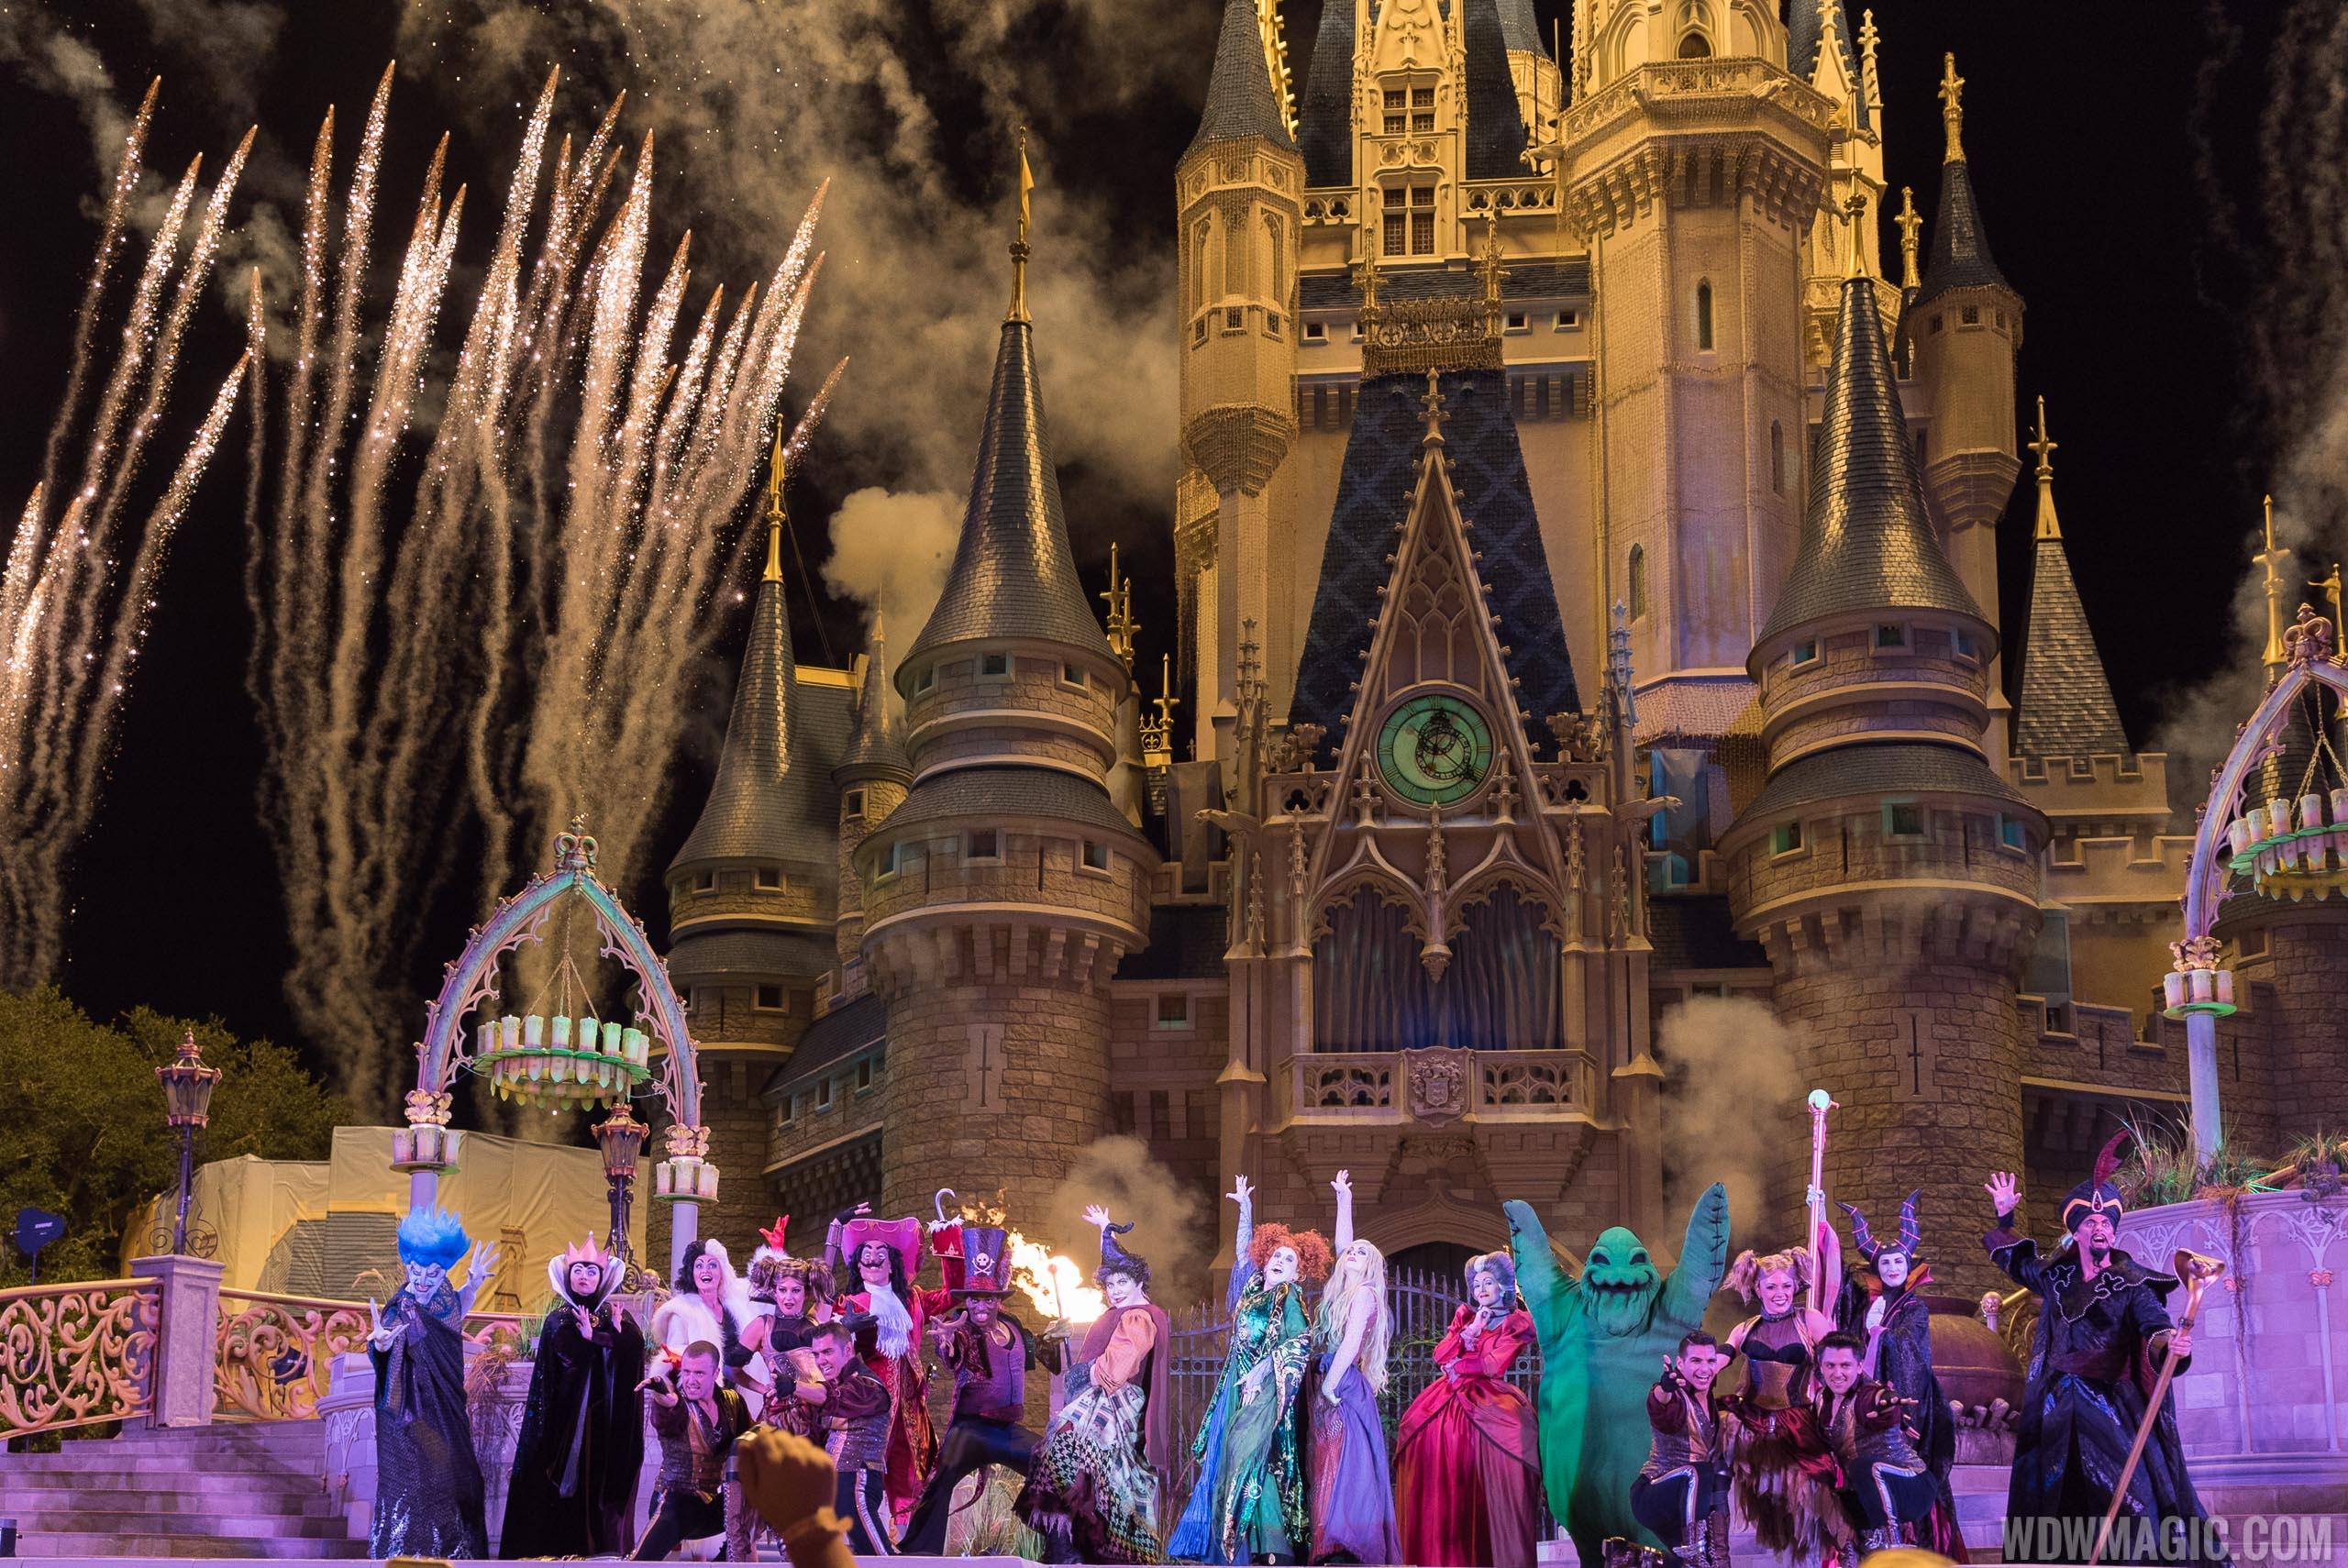 video - hocus pocus villain spelltacular headlines this year's